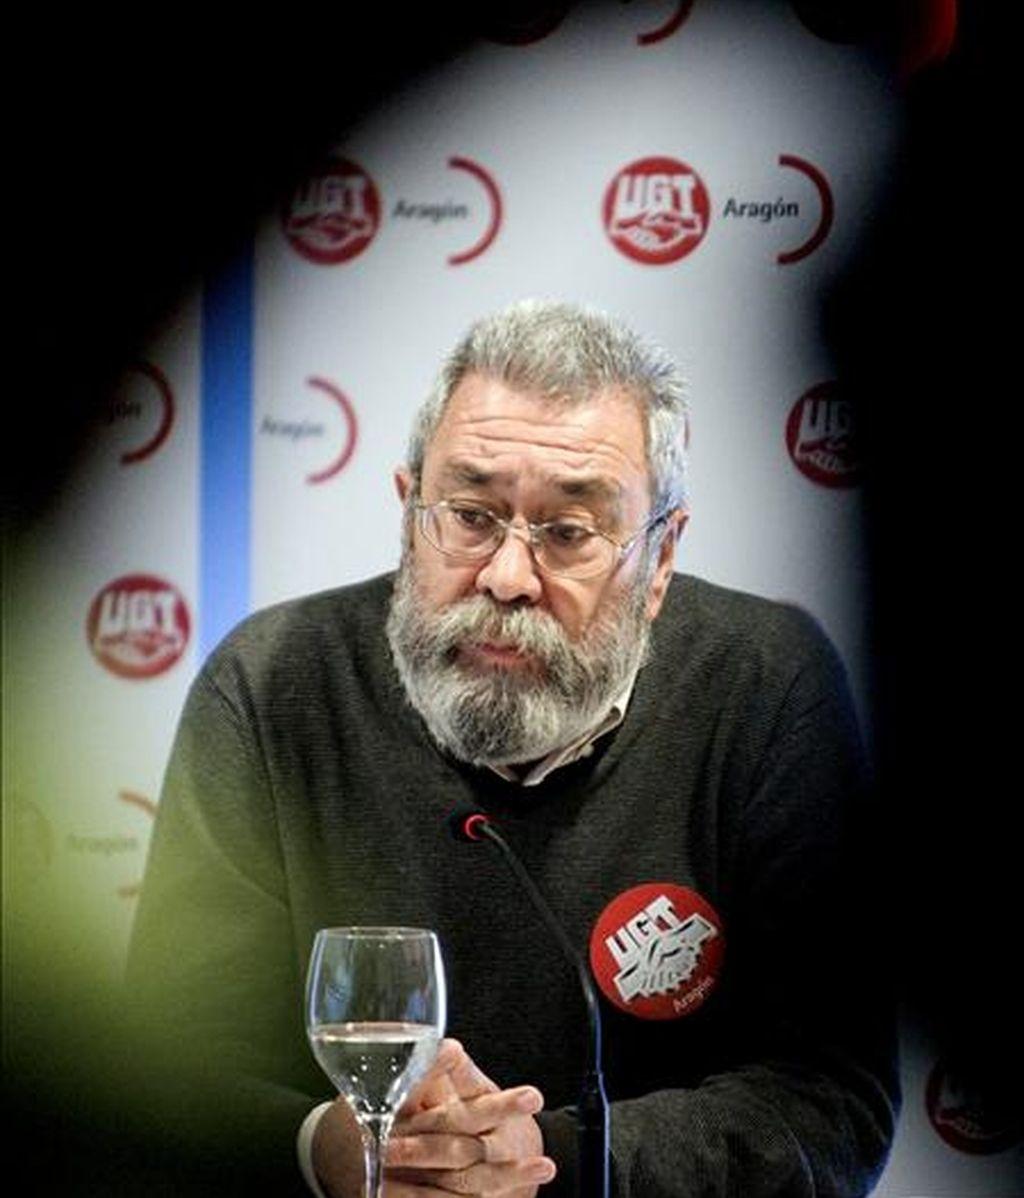 """El secretario general de UGT, Cándido Méndez, durante la rueda de prensa que ha ofrecido hoy antes de participar en una asamblea de delegados sindicales para explicar el plan de acción de la campaña """"La movilización continúa"""", contra las políticas económicas del Gobierno. EFE"""